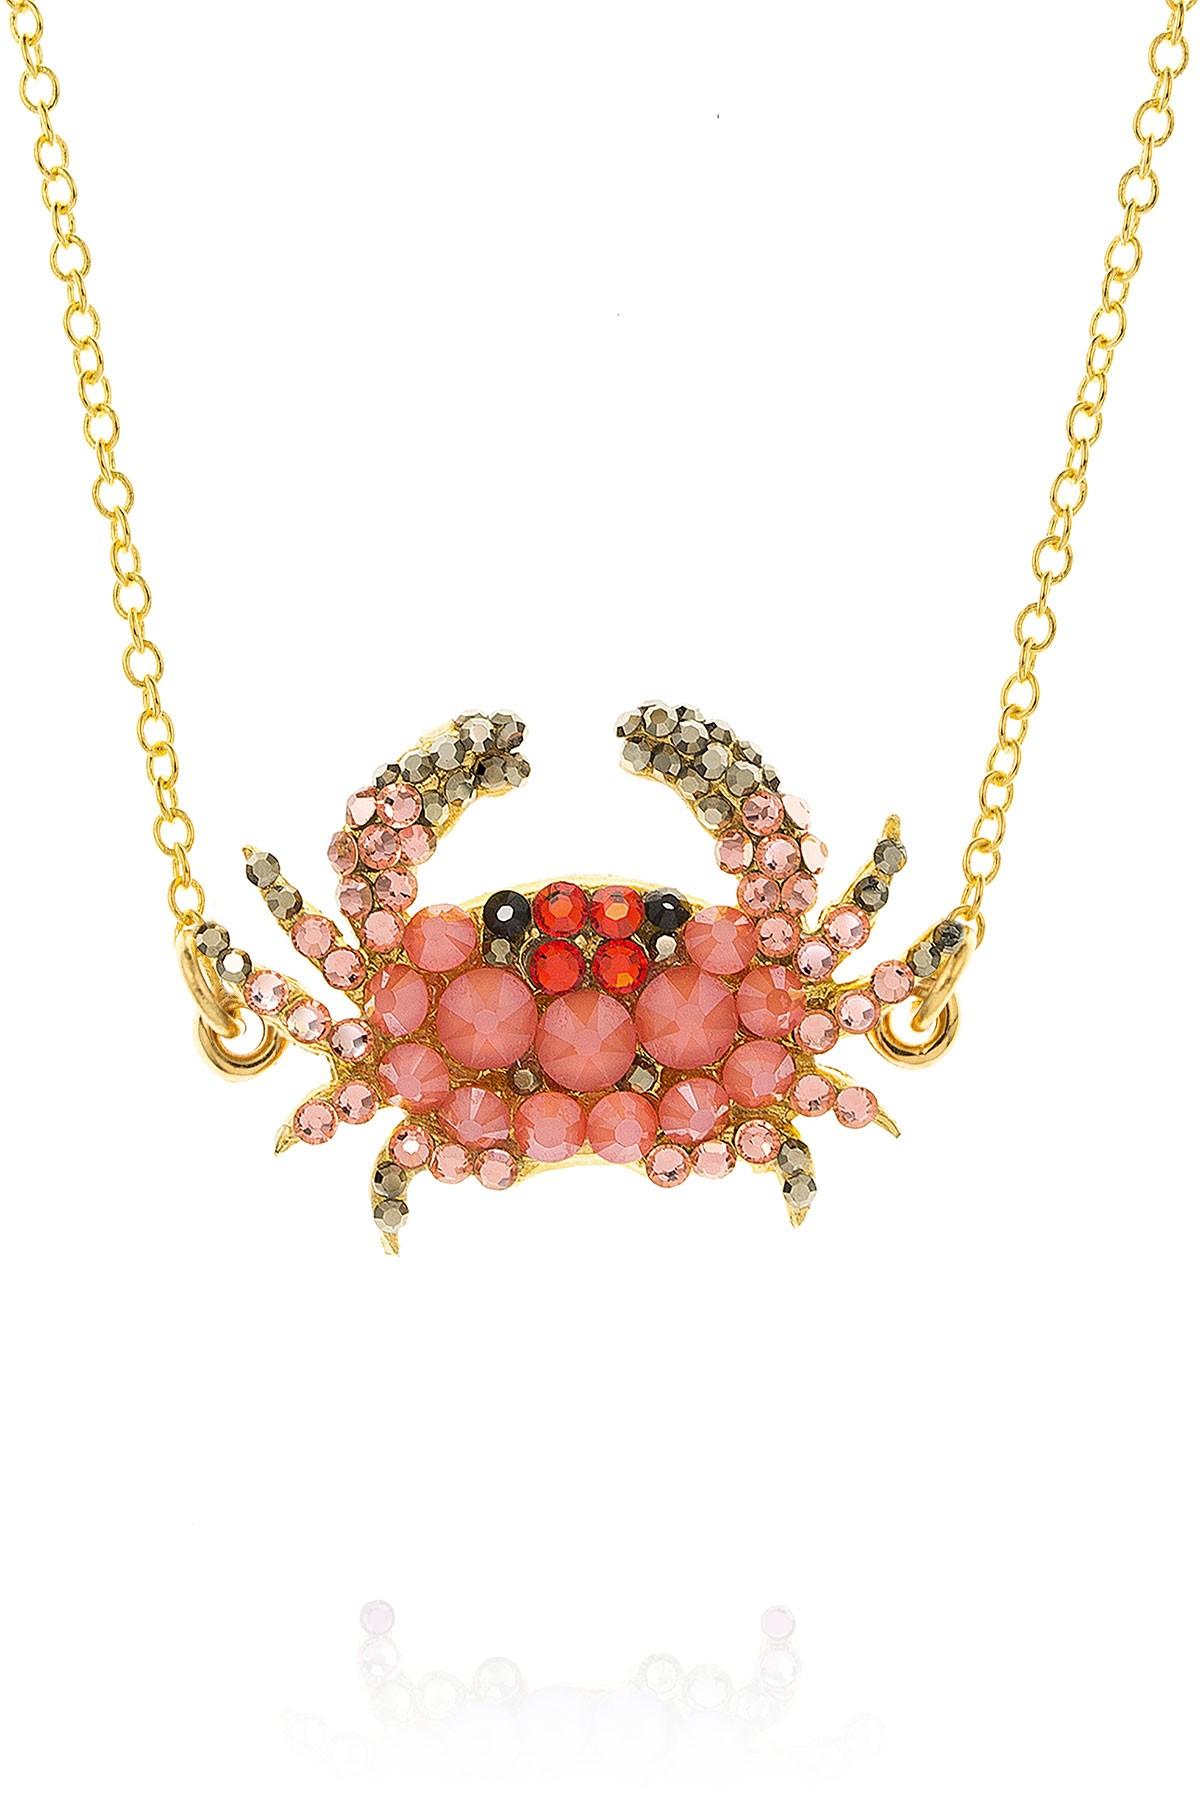 Crab Necklace